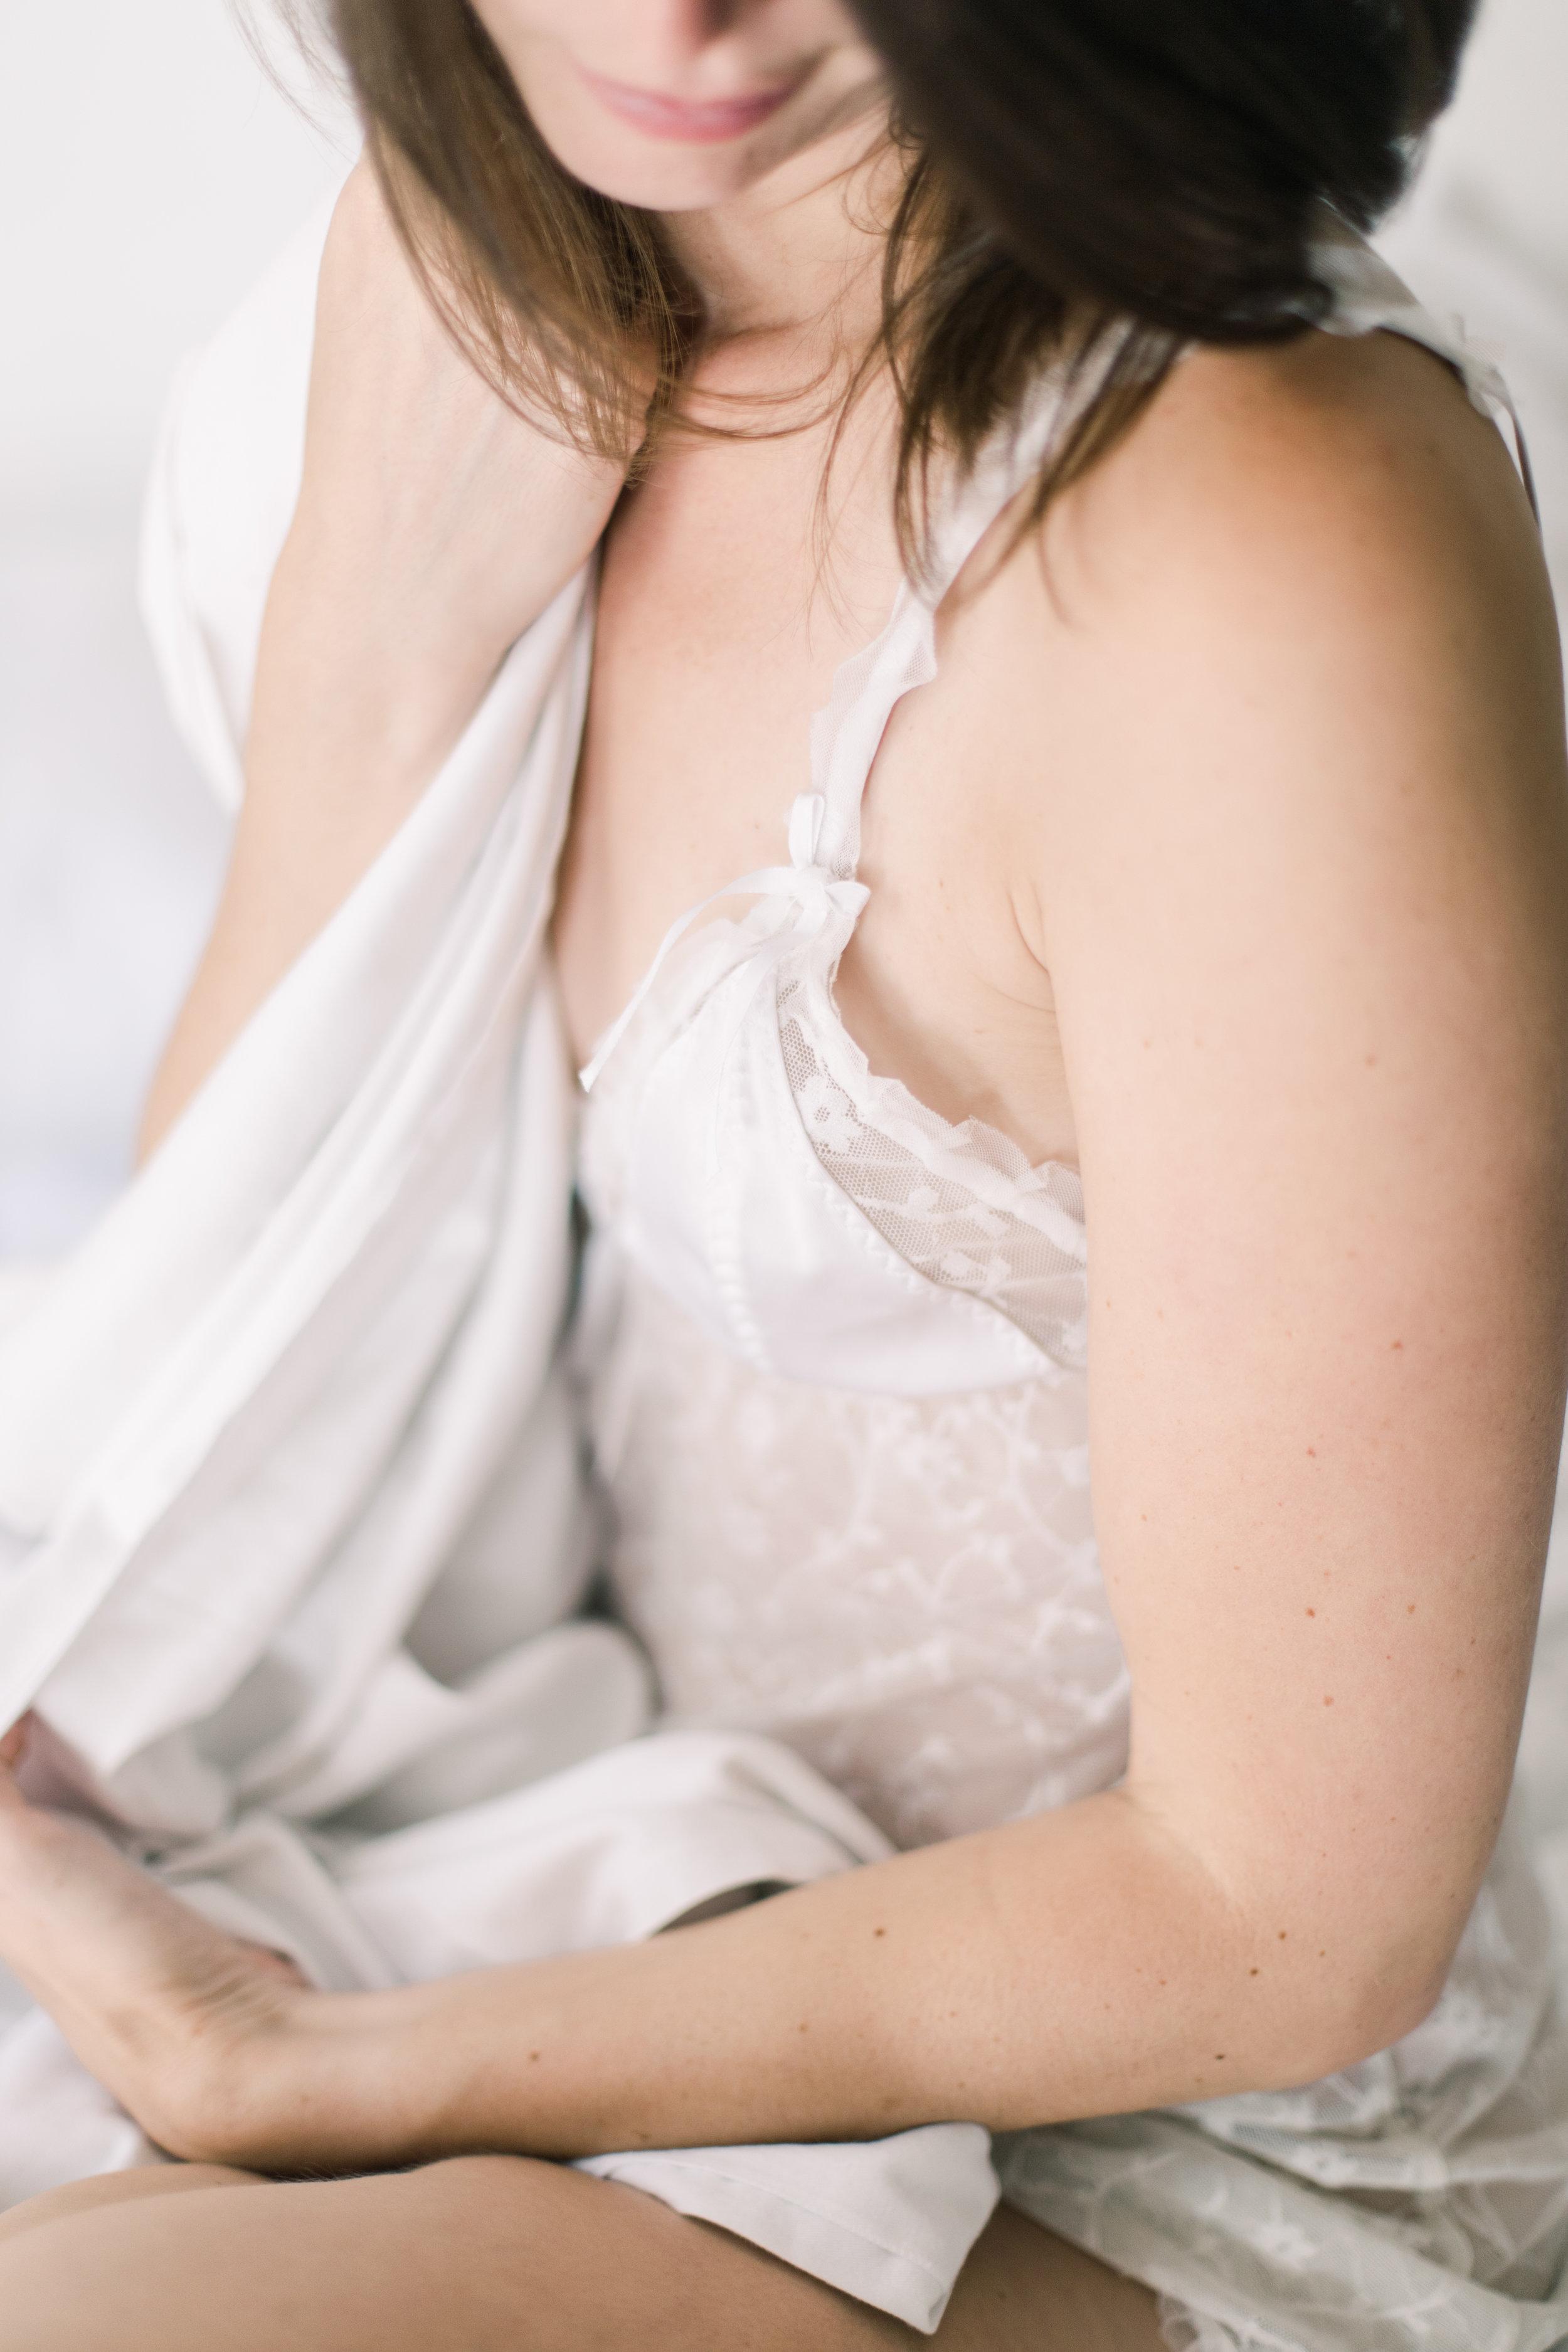 boudoir photo photographe photography photographer monaco paris lingerie